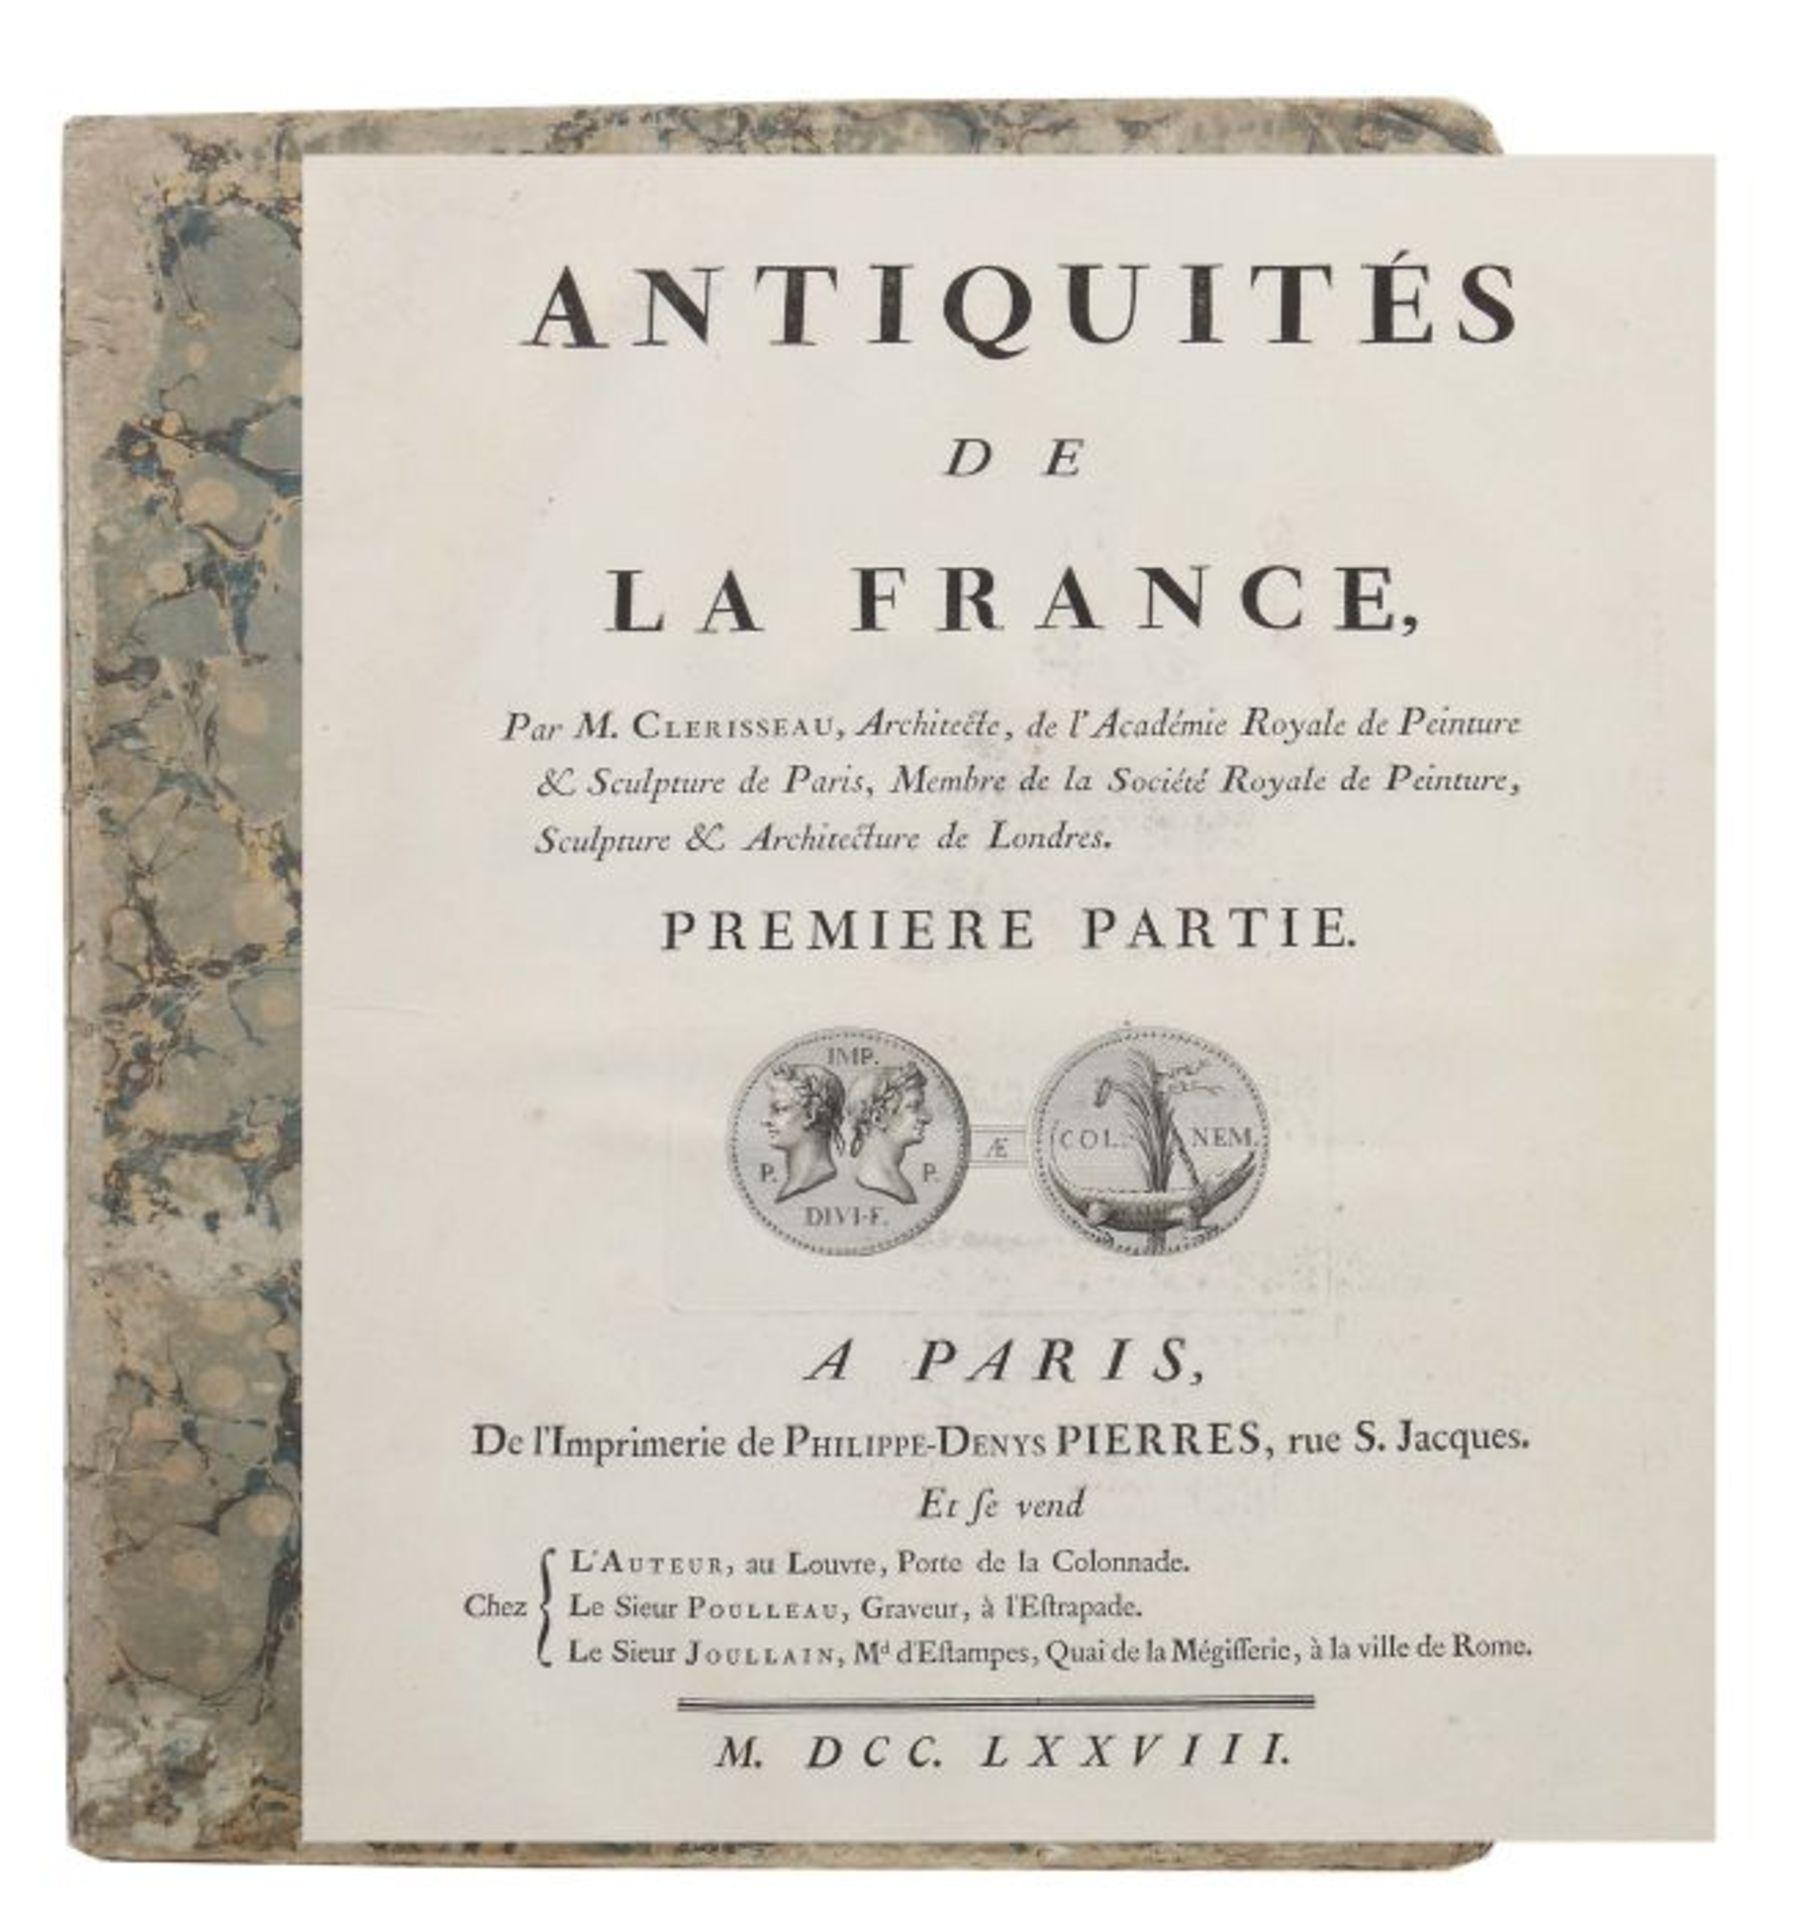 Clérisseau, Charles-Louis Antiquités de la France - Monumens de Nismes, Pierres, Paris, 1778,